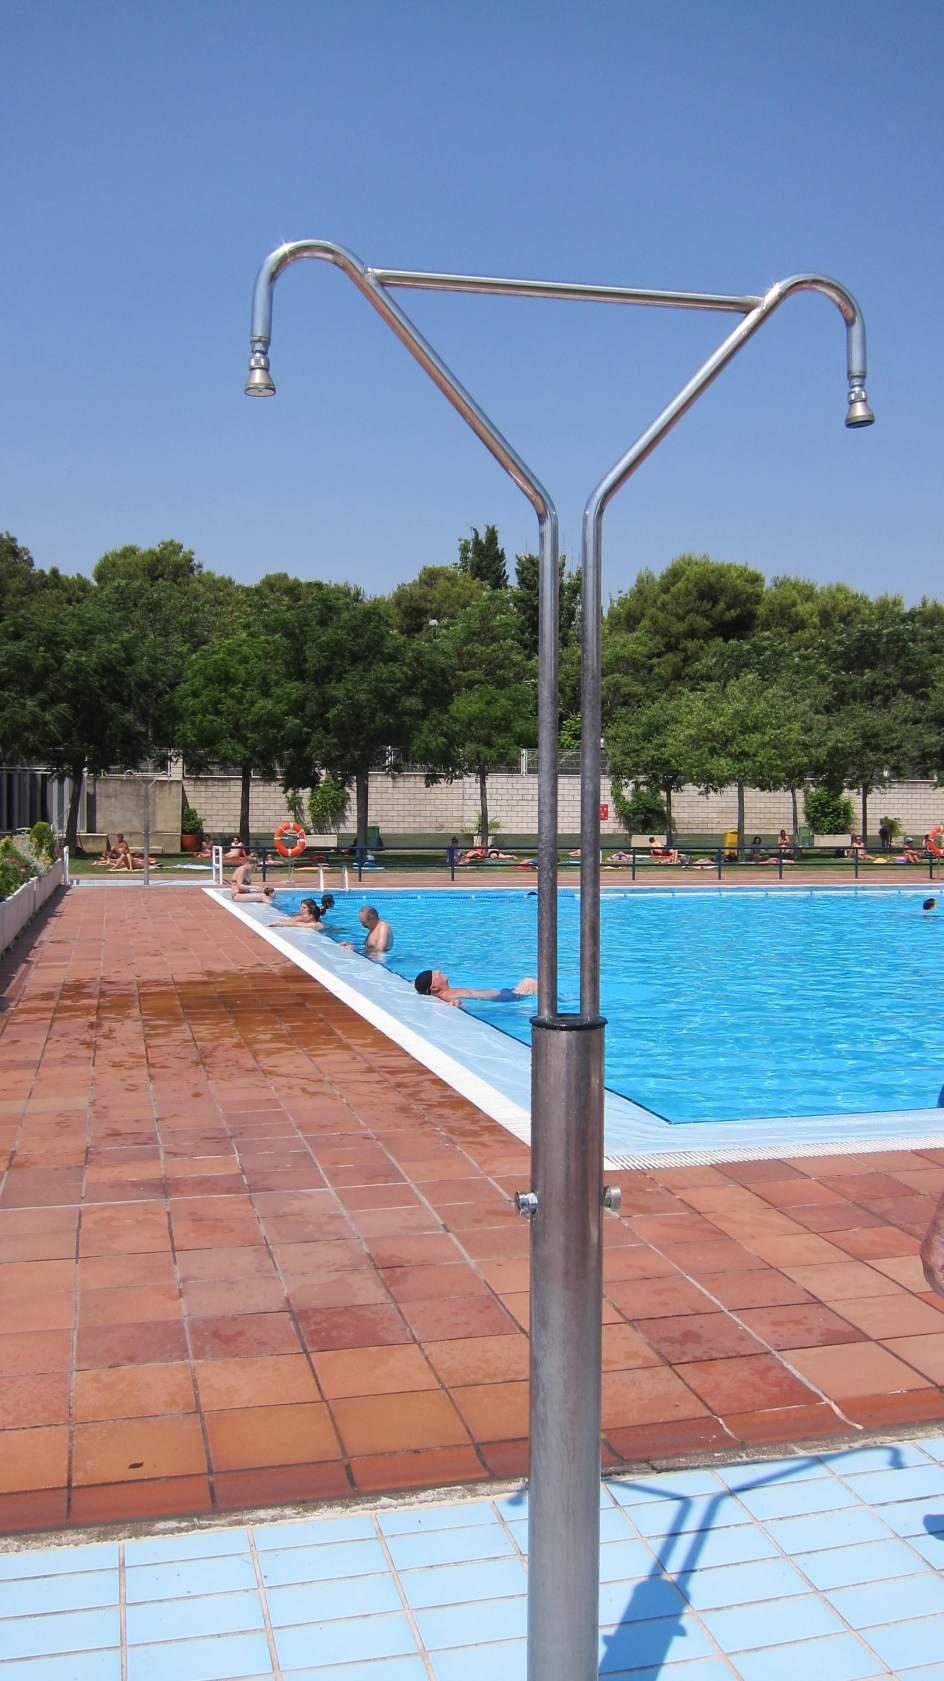 la temporada de piscinas municipales en huesca comienza